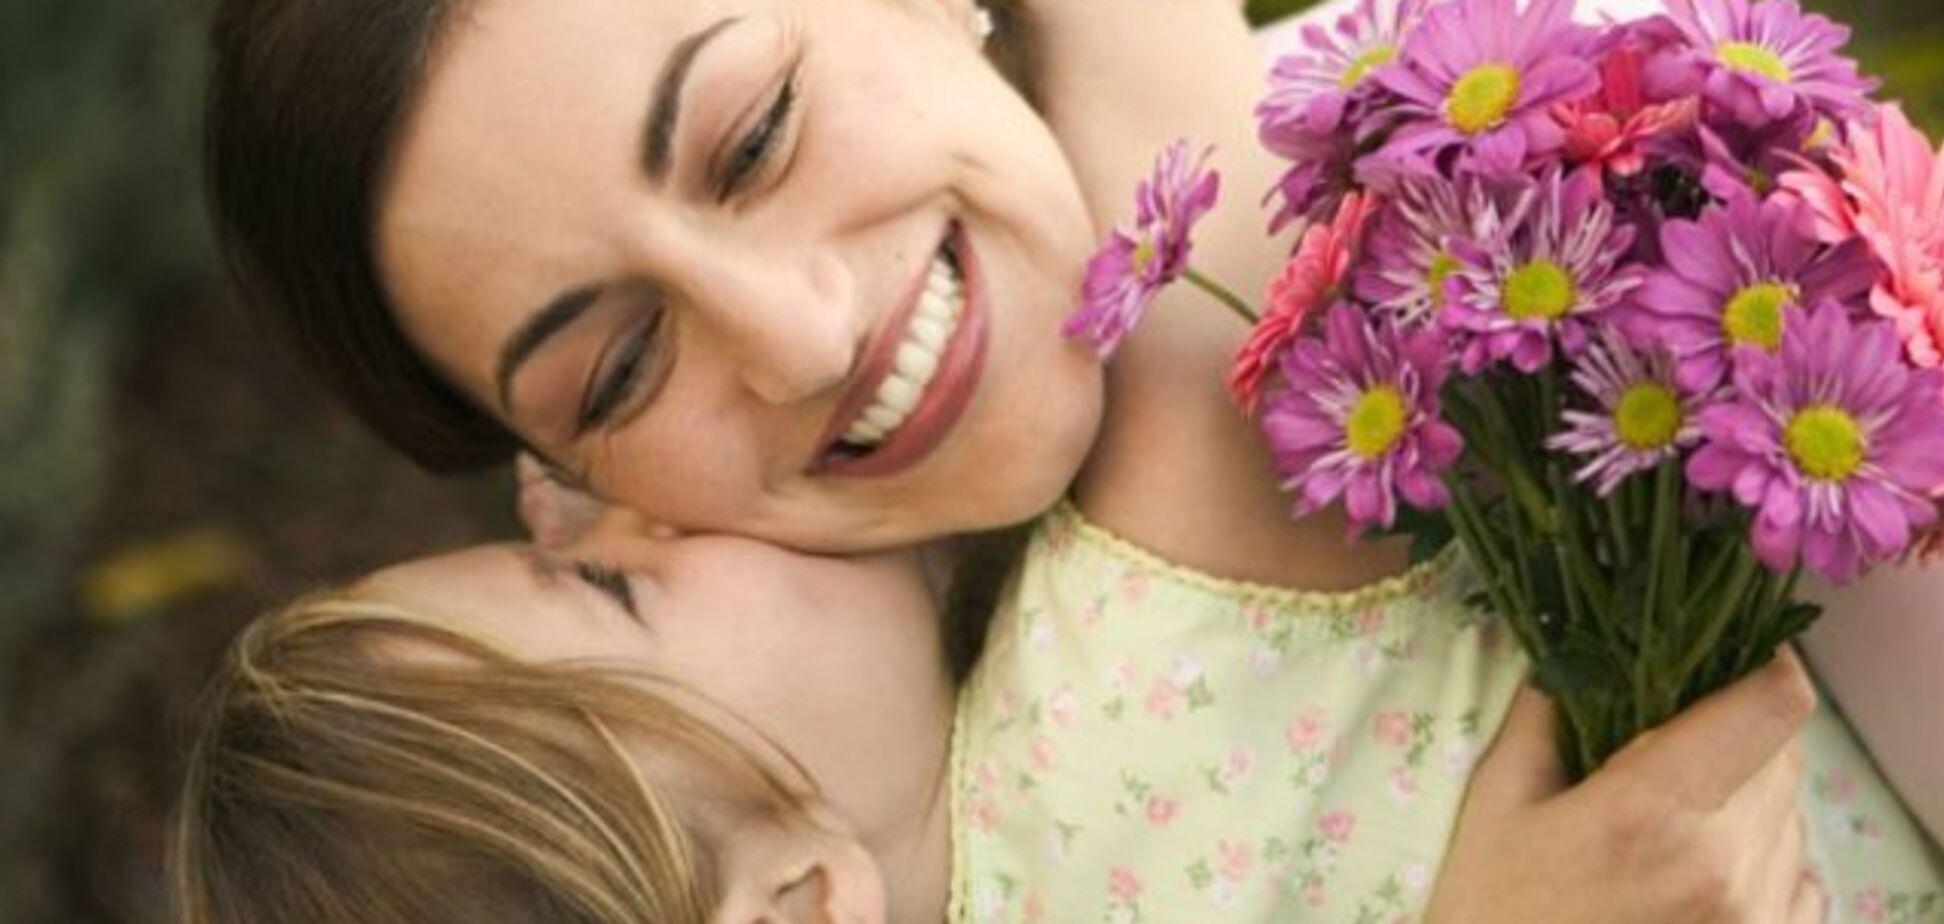 Топ-5 вредных советов для мам